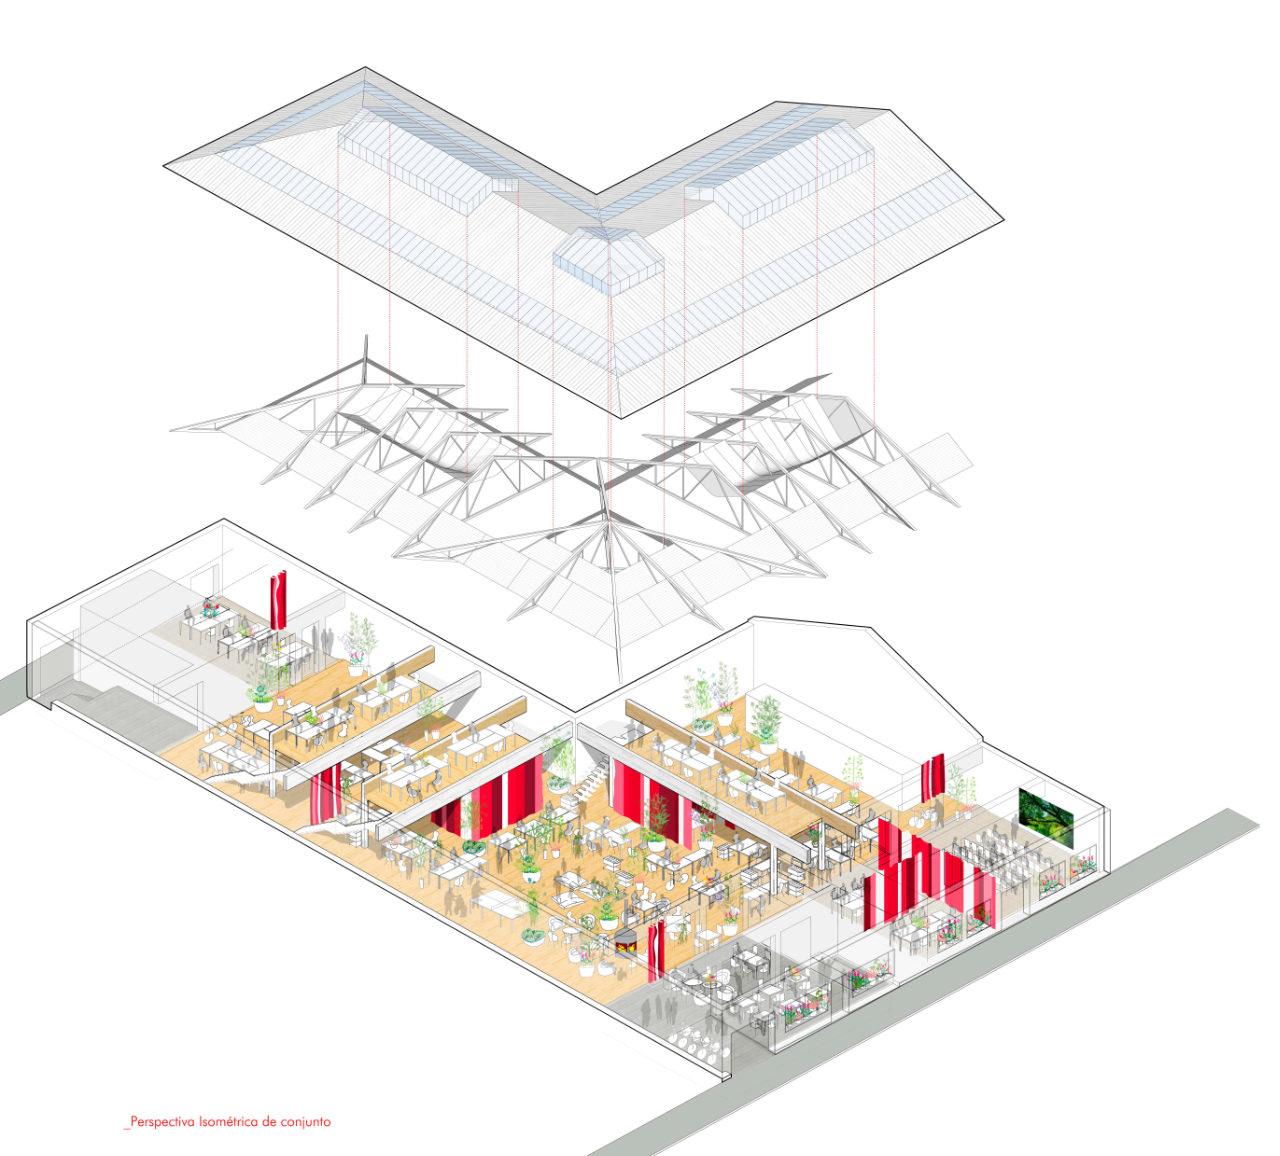 Centre Pour L'innovation Et La Biodiversite, Mejor Nota De Arquitectura